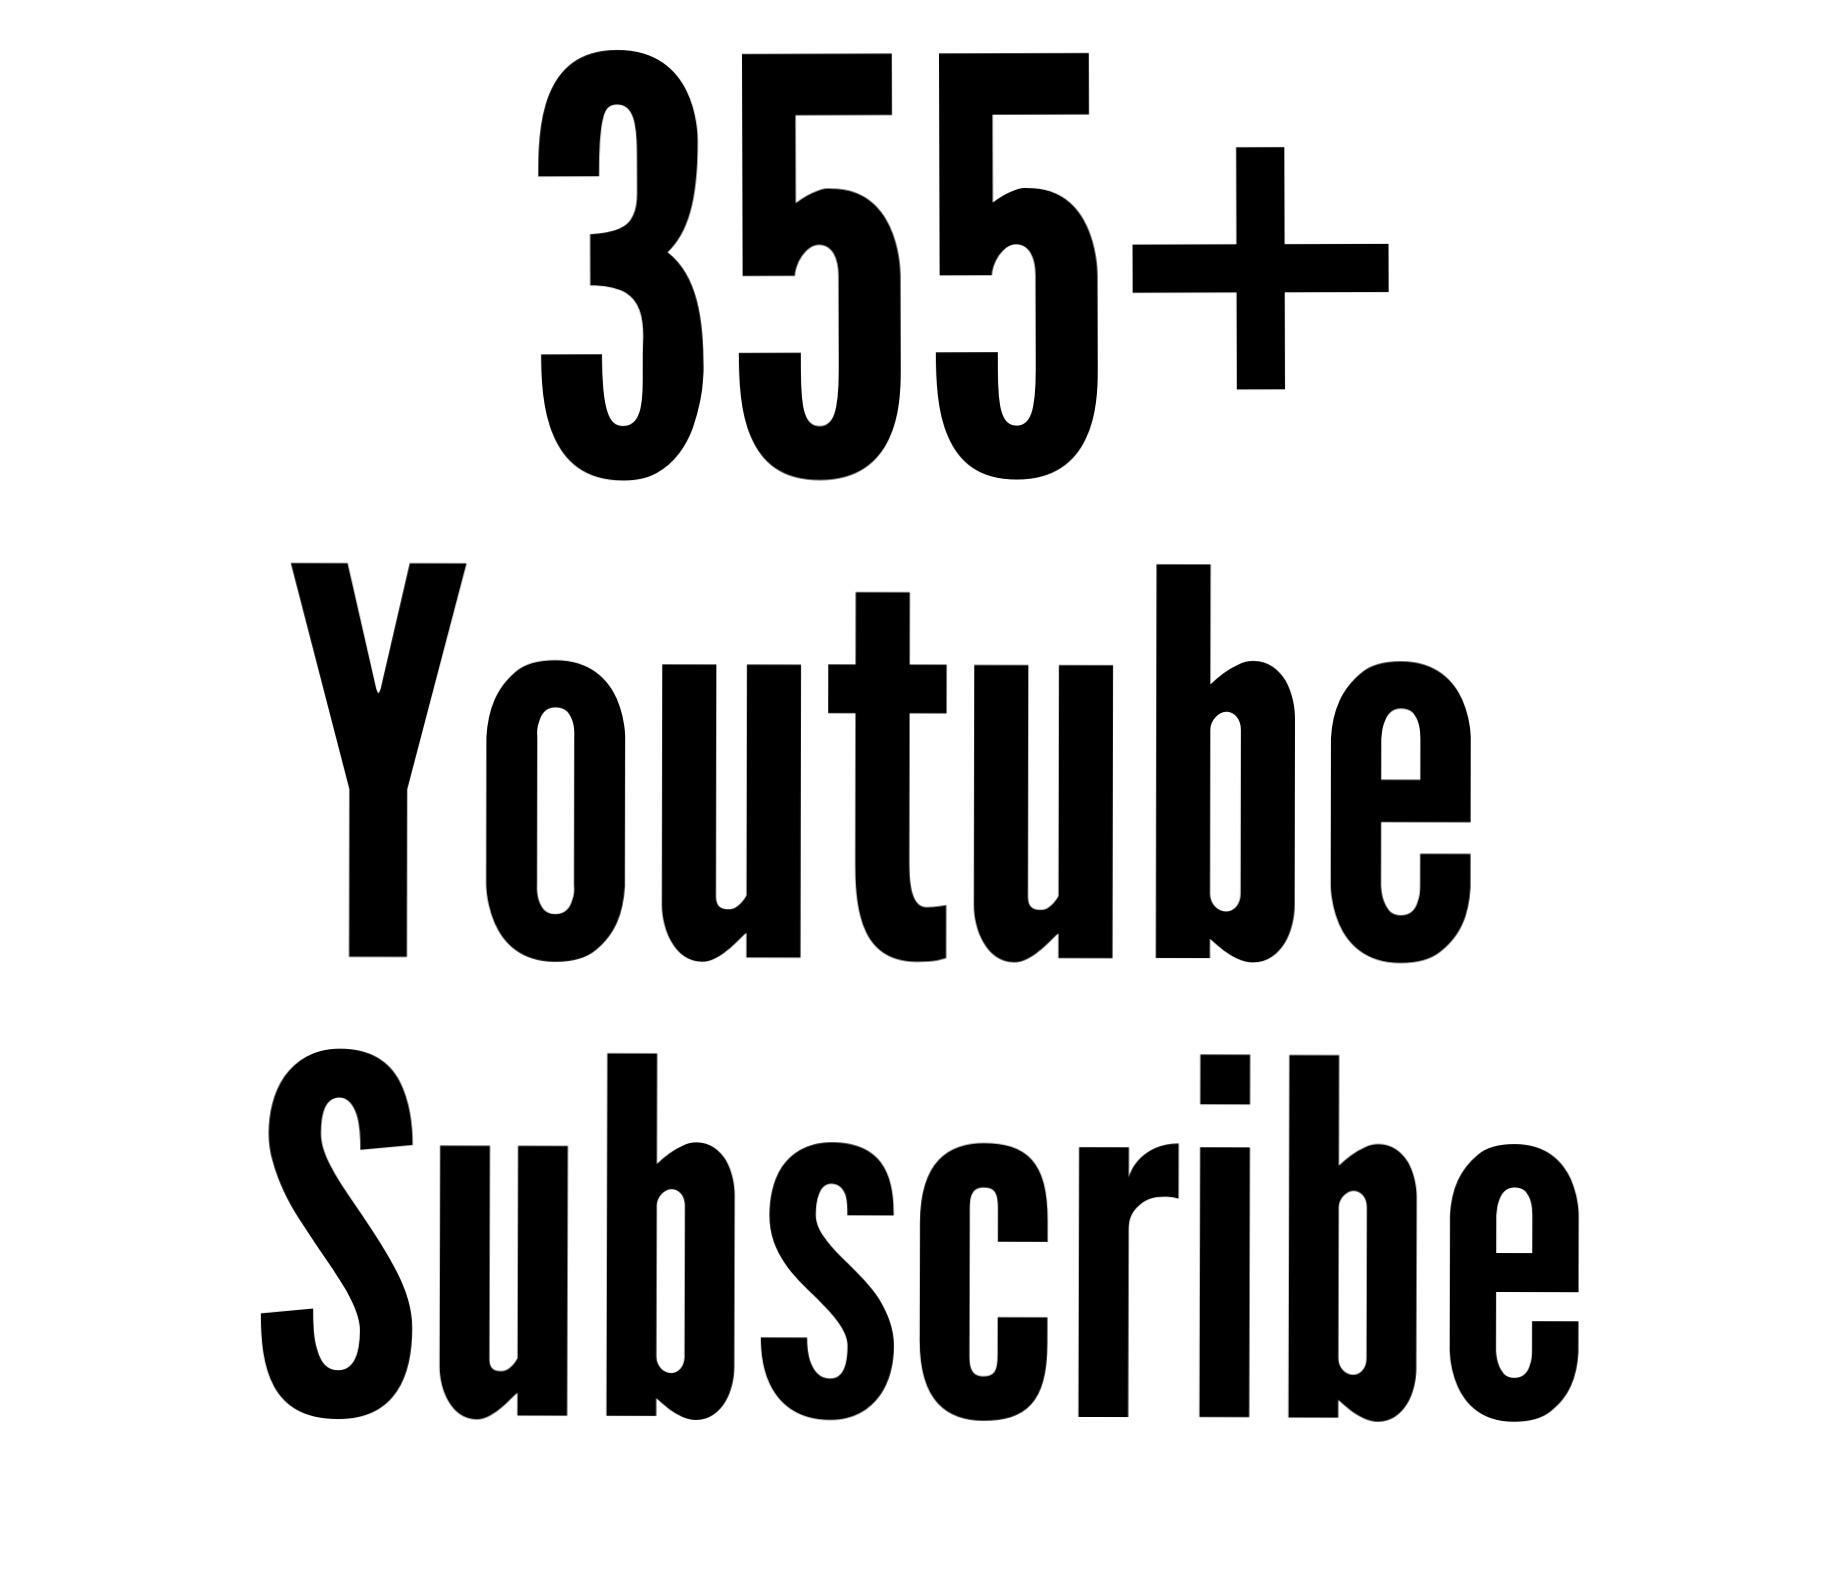 Active 355+ You tube Subs cribe nondrop guaranteed